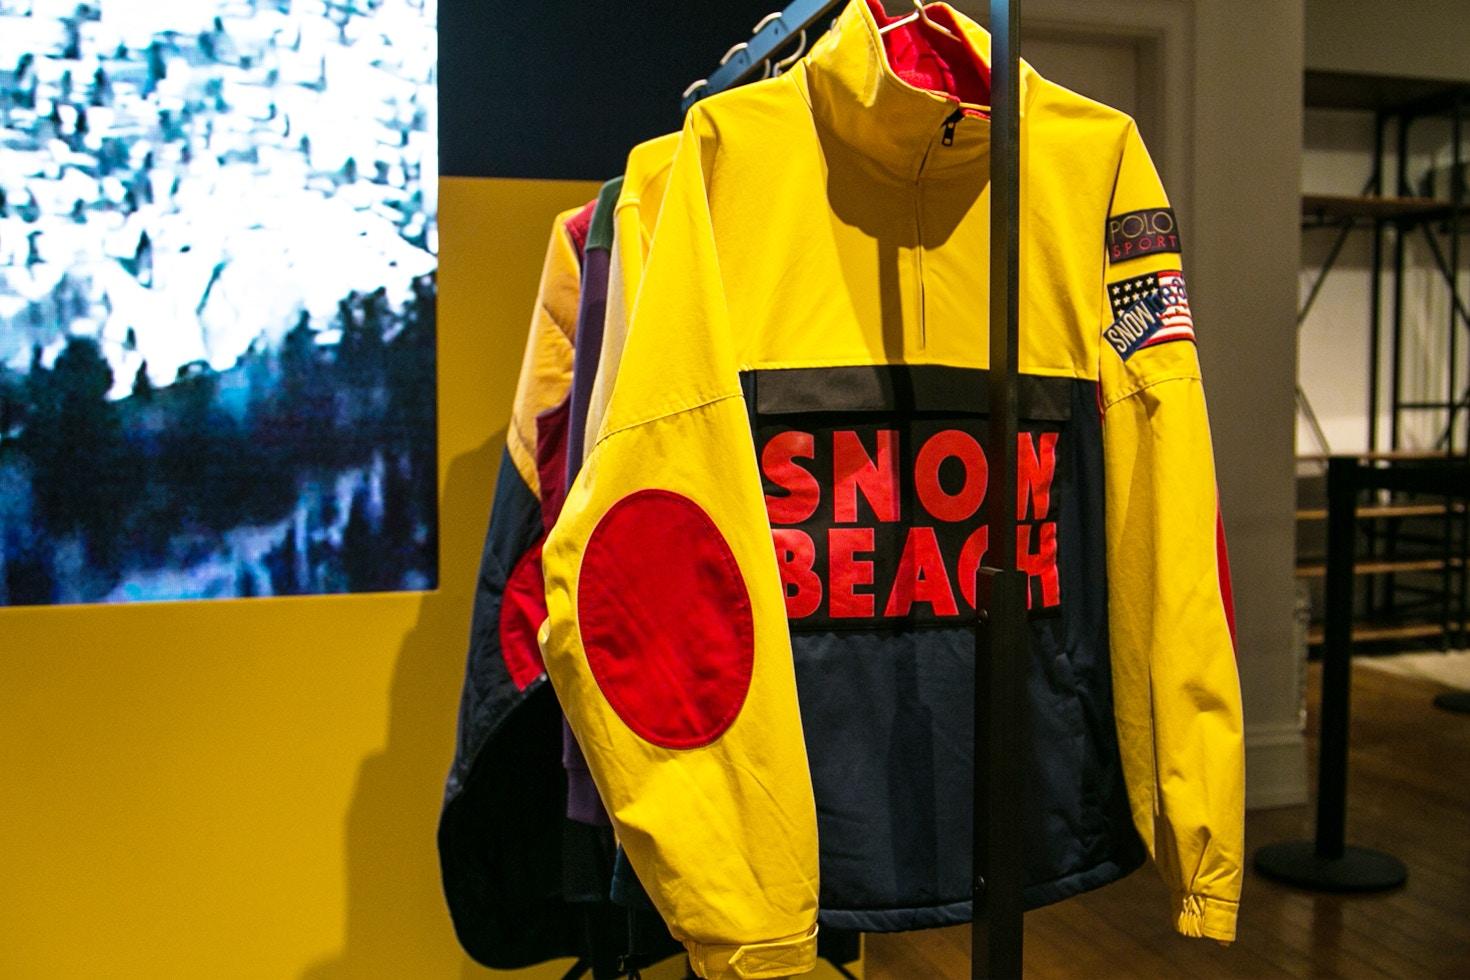 ralph-lauren-snowbeach-launch-selfridges-03.jpg